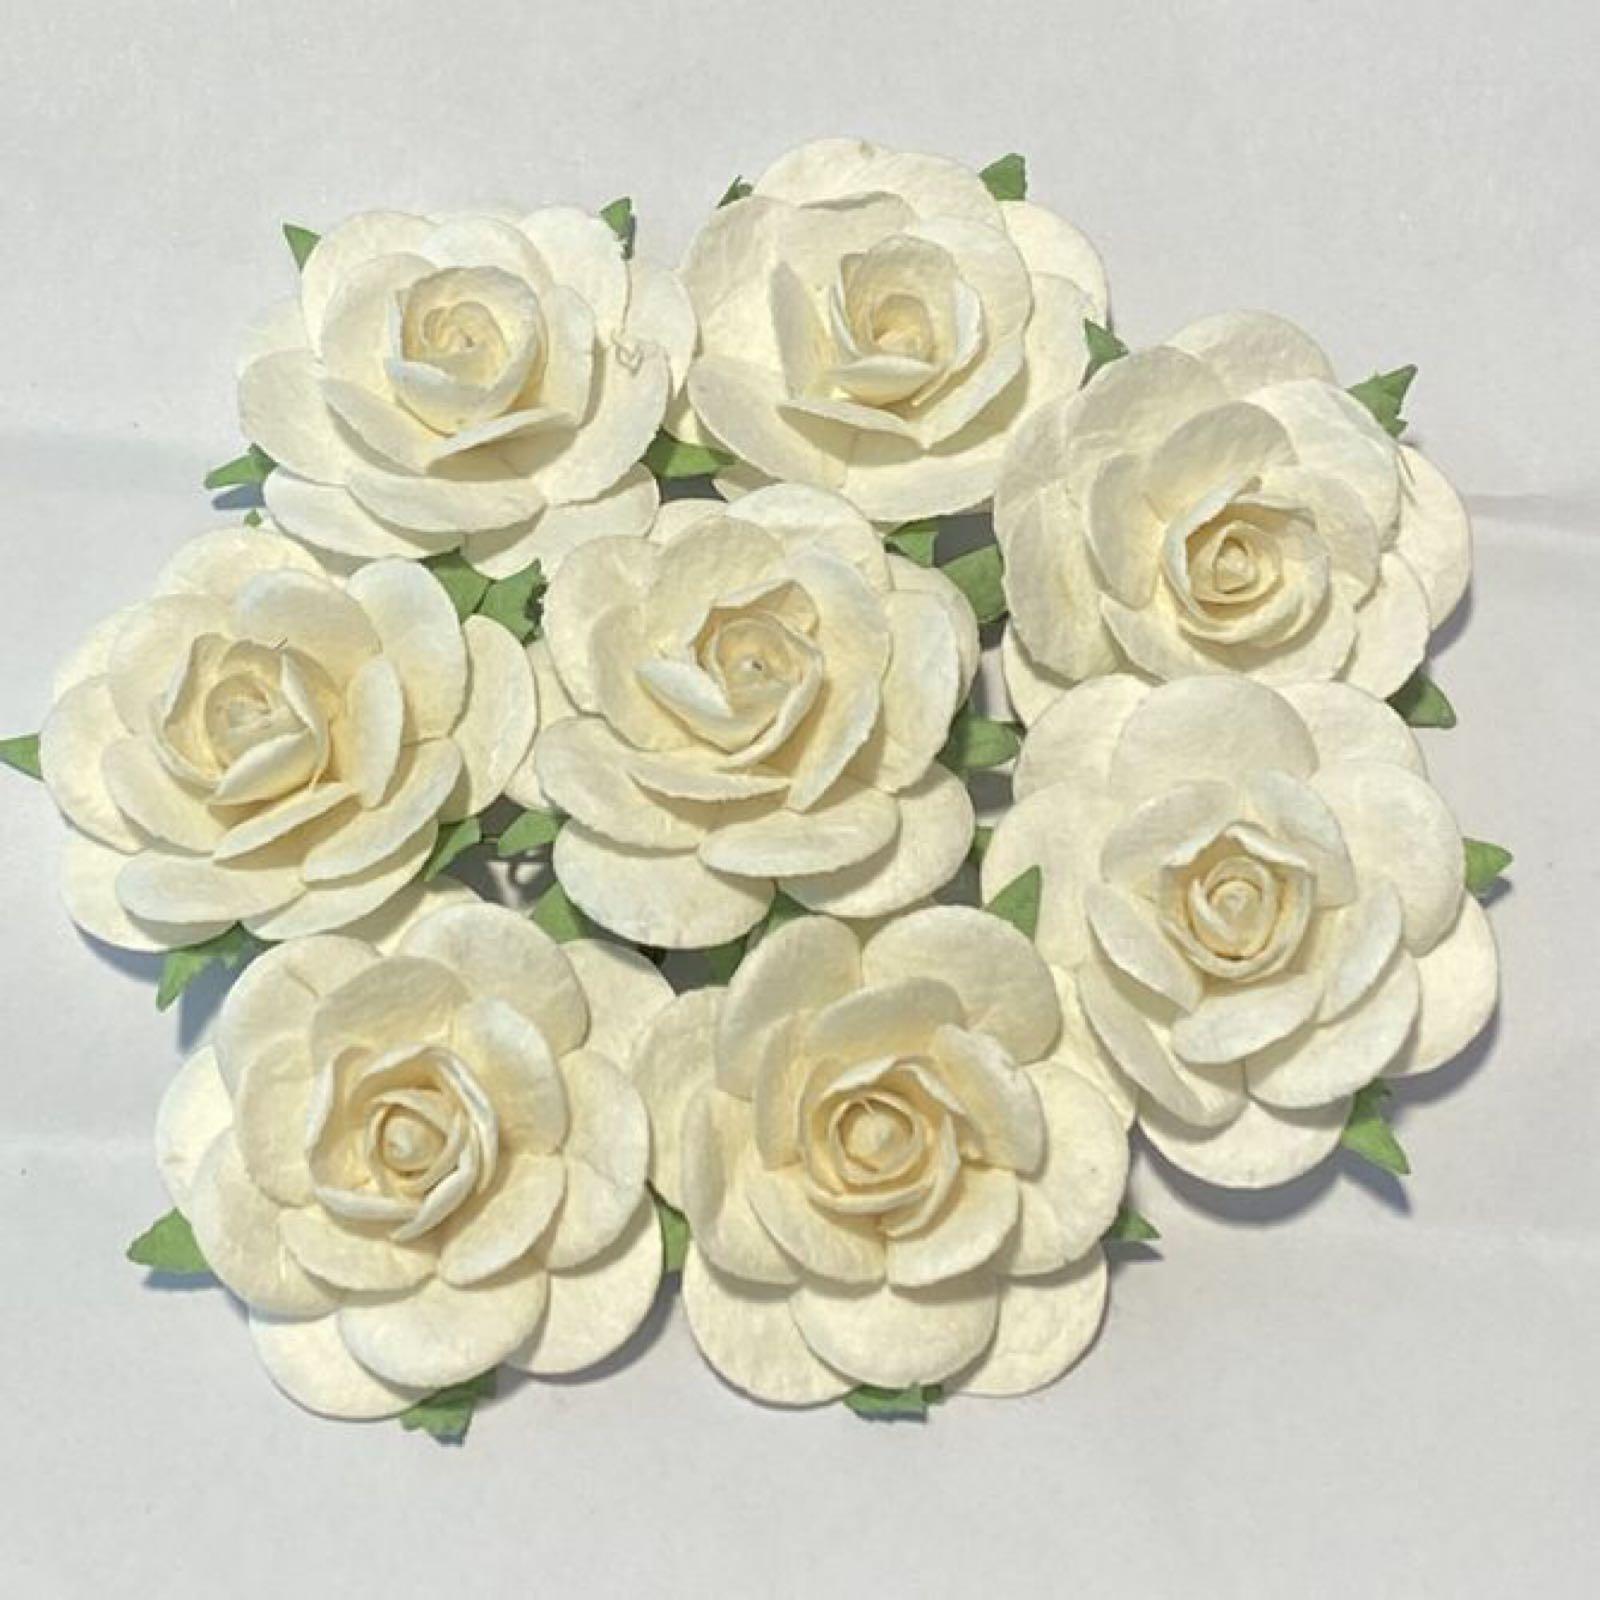 Papirdesign blomster, kremhvit/kritt-hvit , 3,5cm